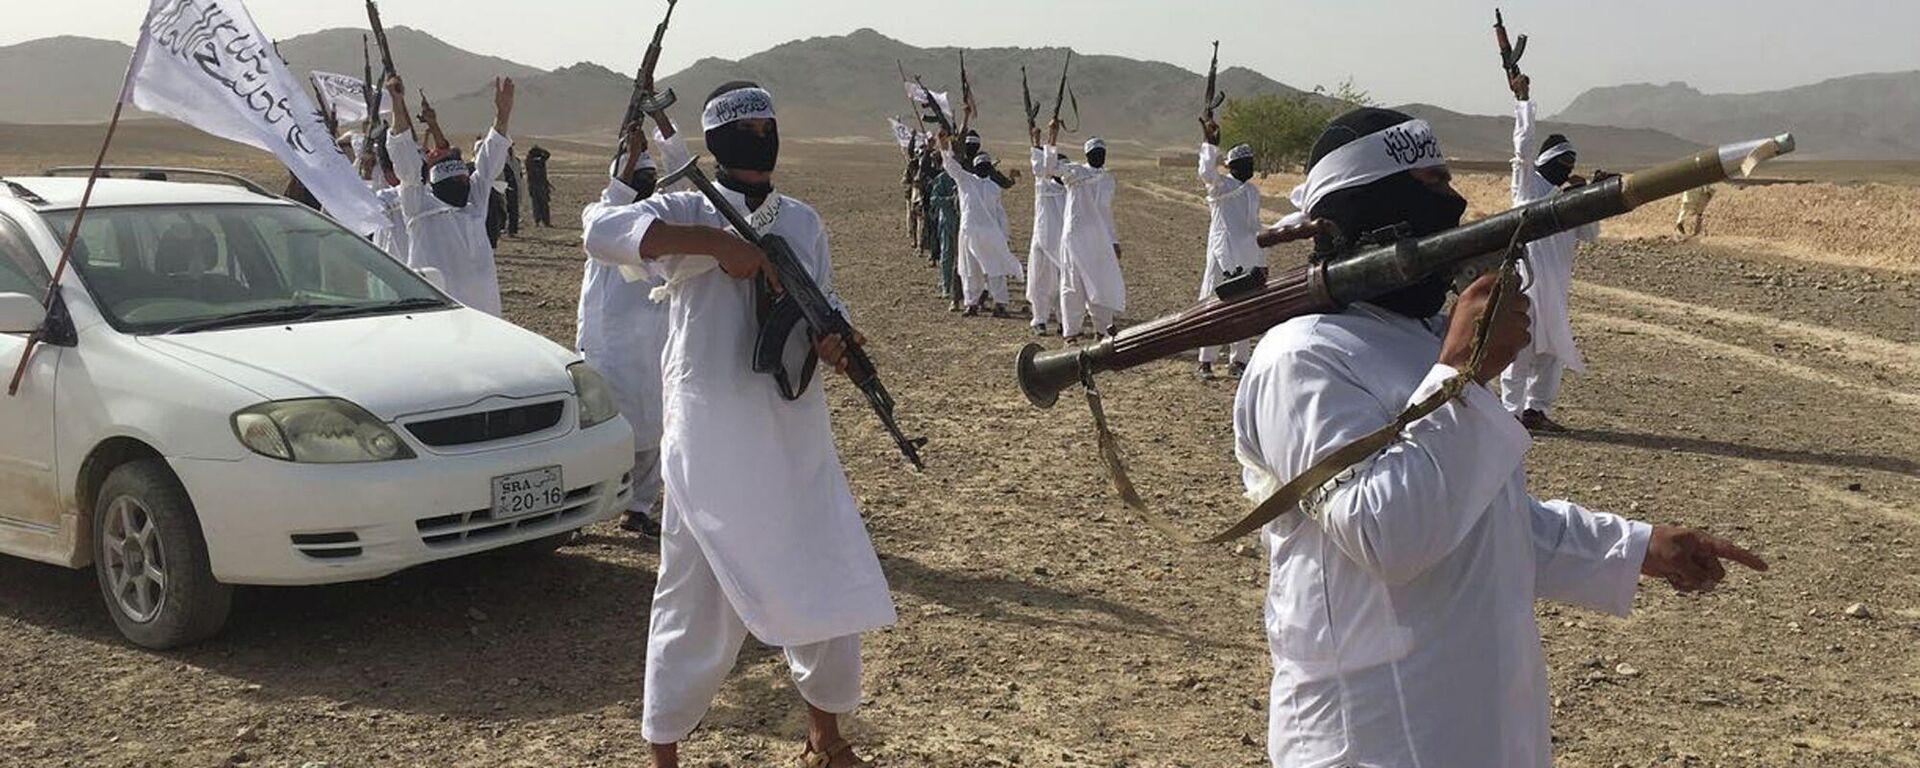 Вооруженные люди в Афганистане - Sputnik Узбекистан, 1920, 23.09.2021